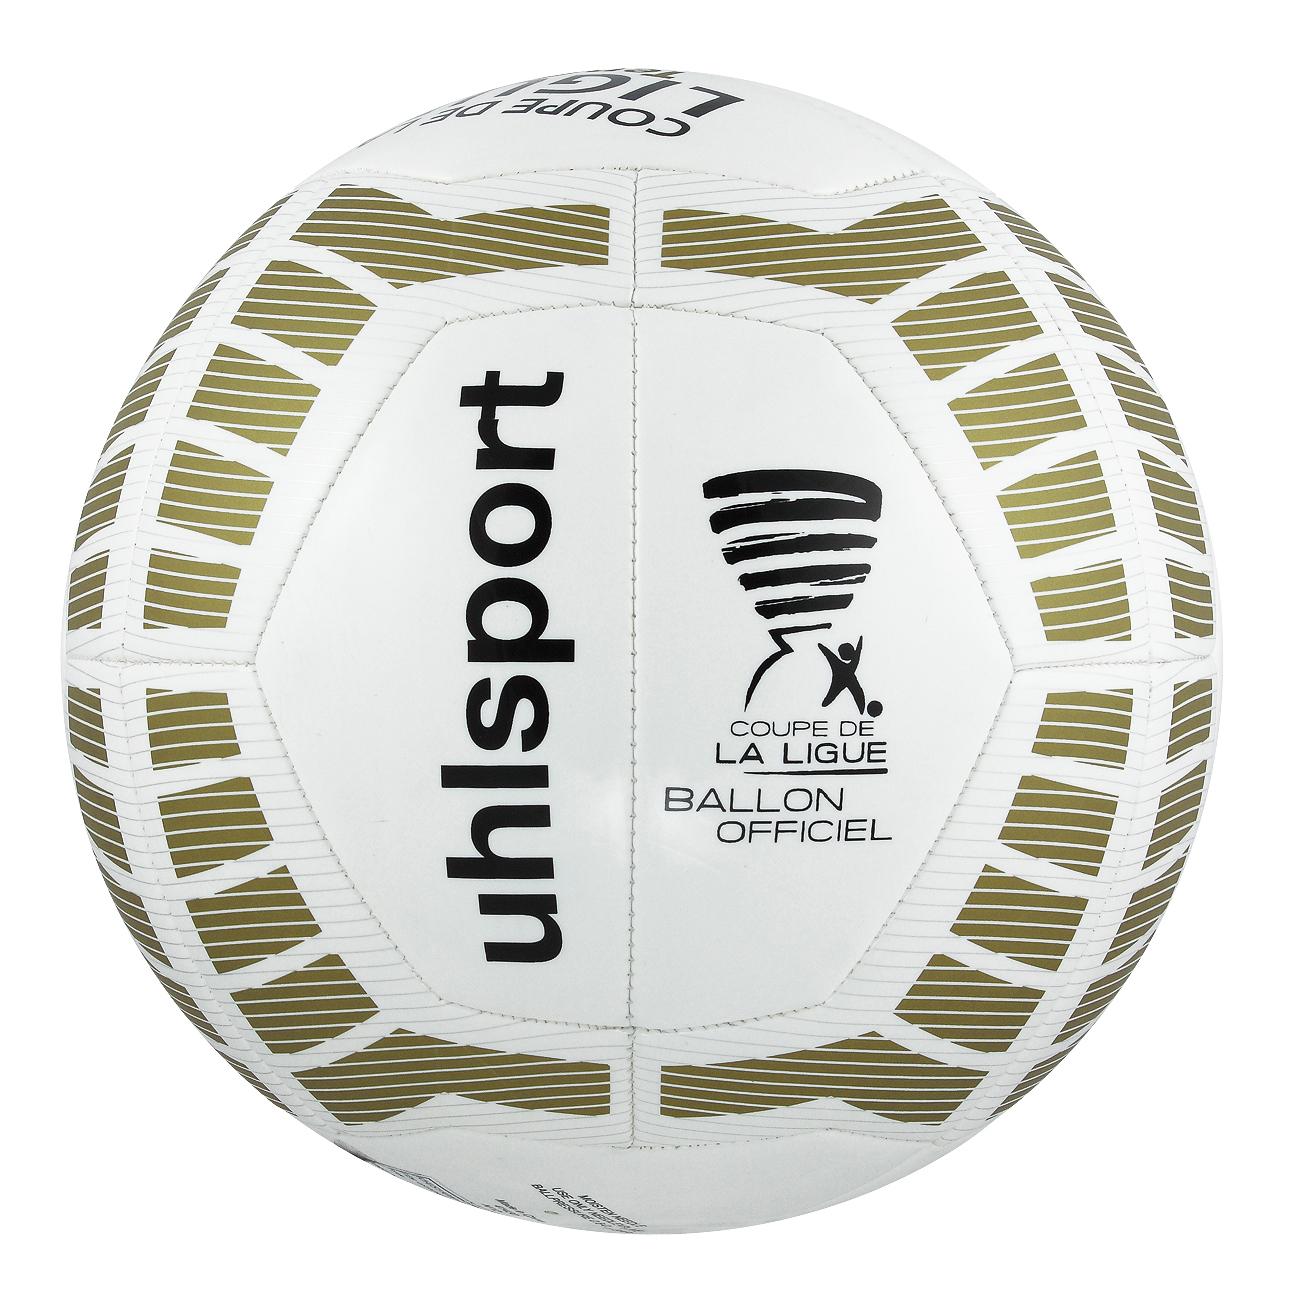 Un nouveau ballon pour la Coupe de la Ligue